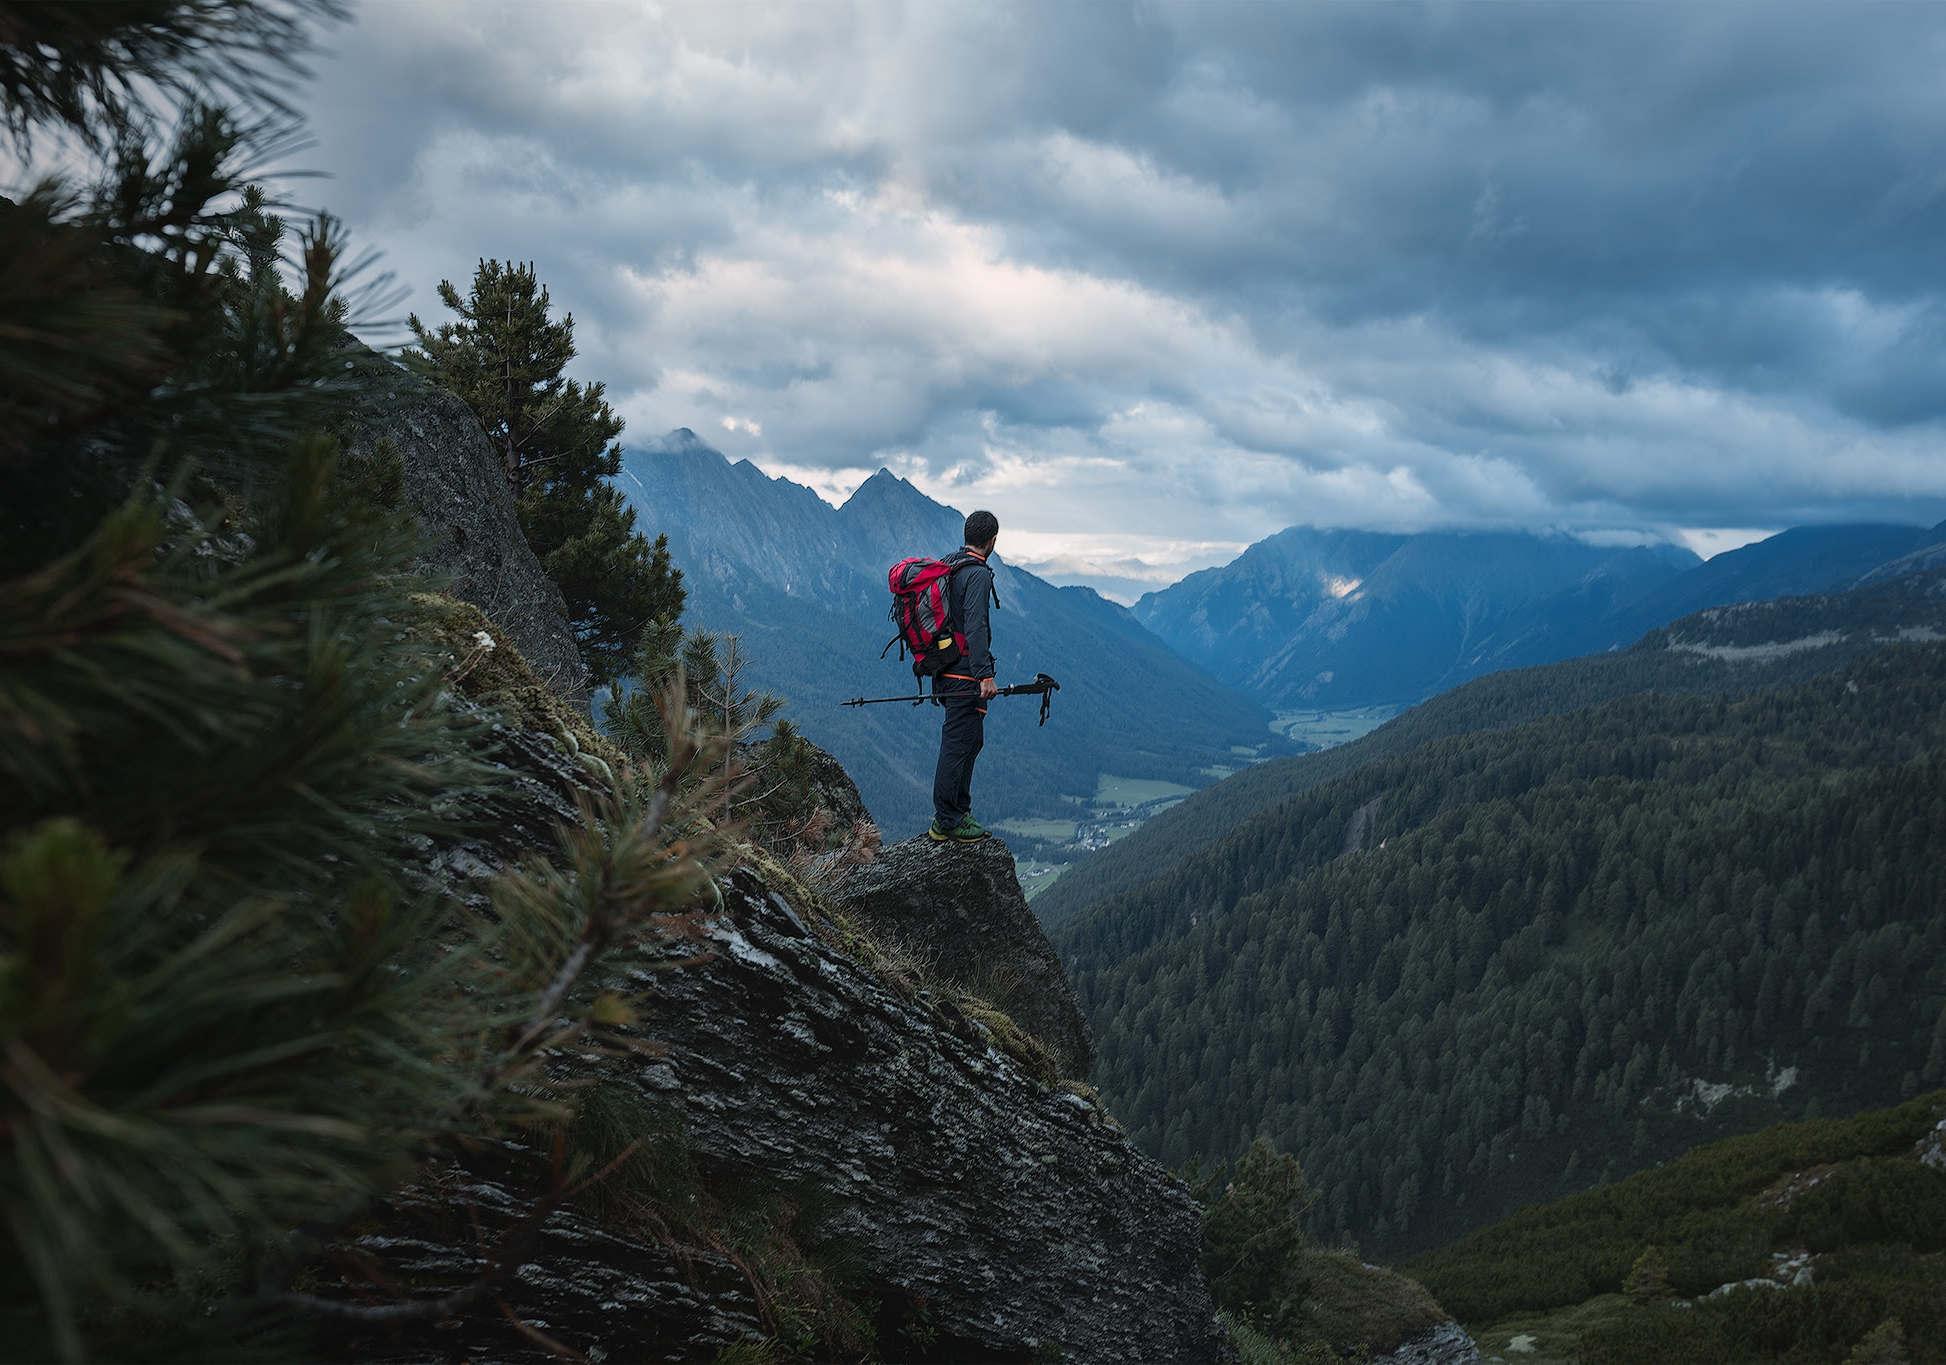 Cober Abies Green, il bastoncino da trekking ecosostenibile-